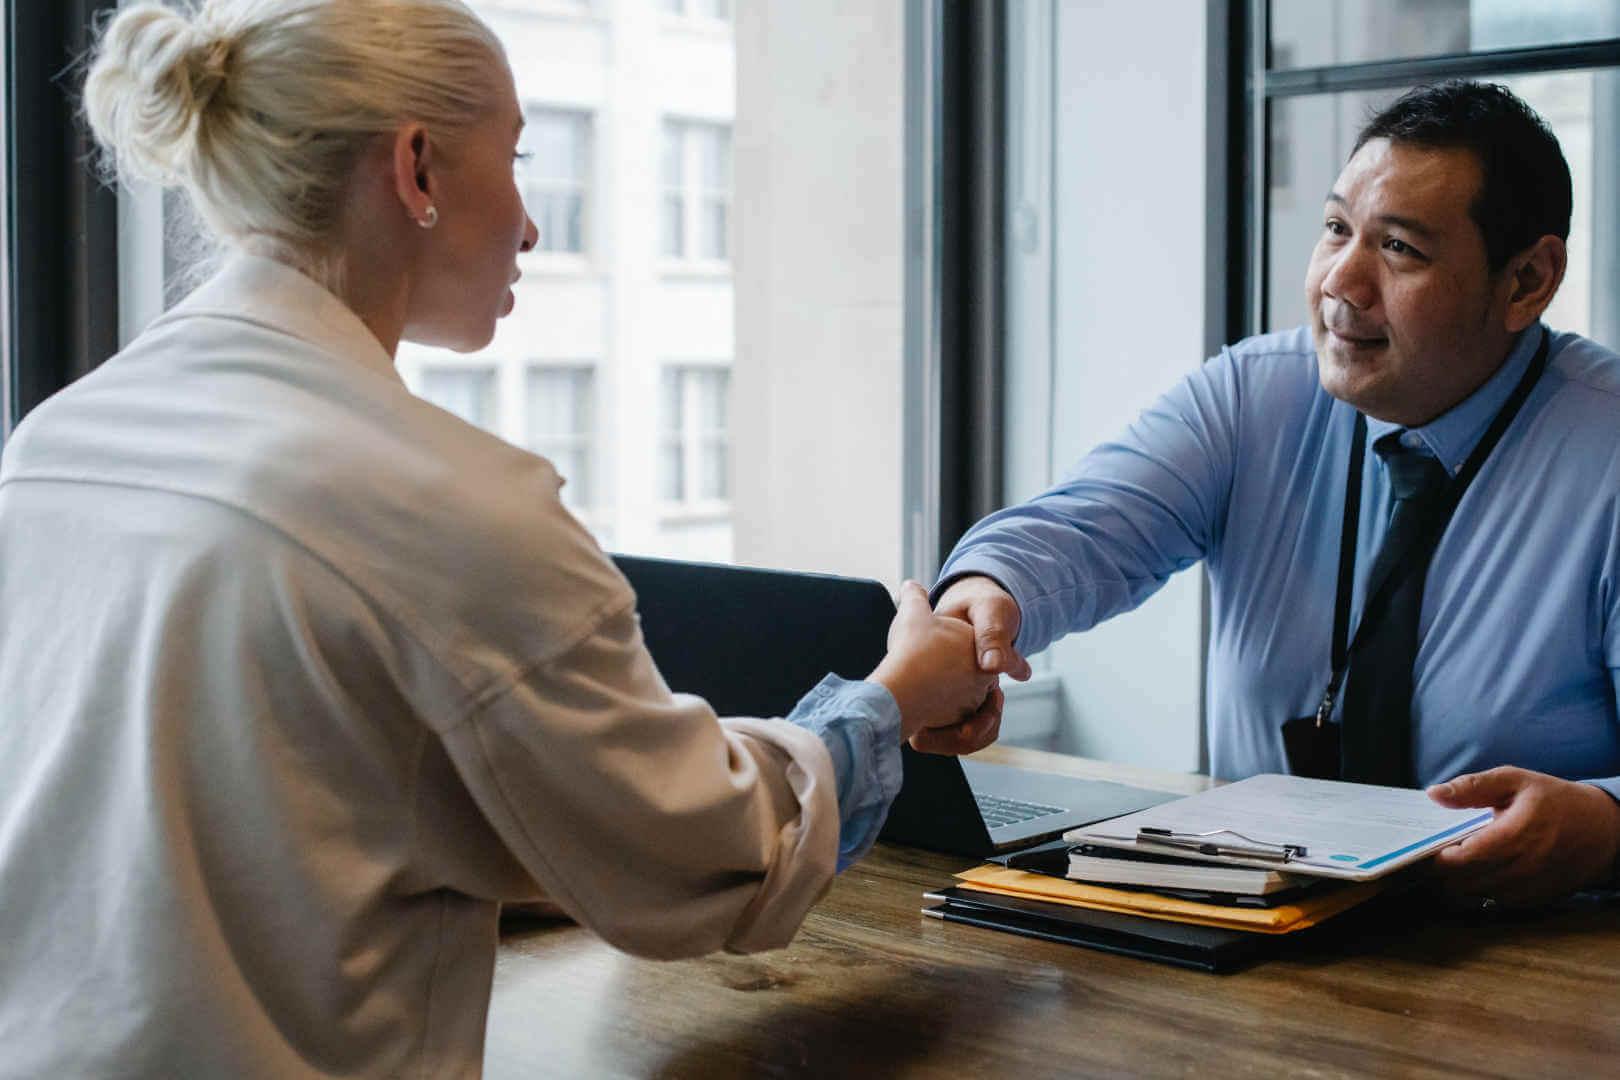 Marketing hire skills